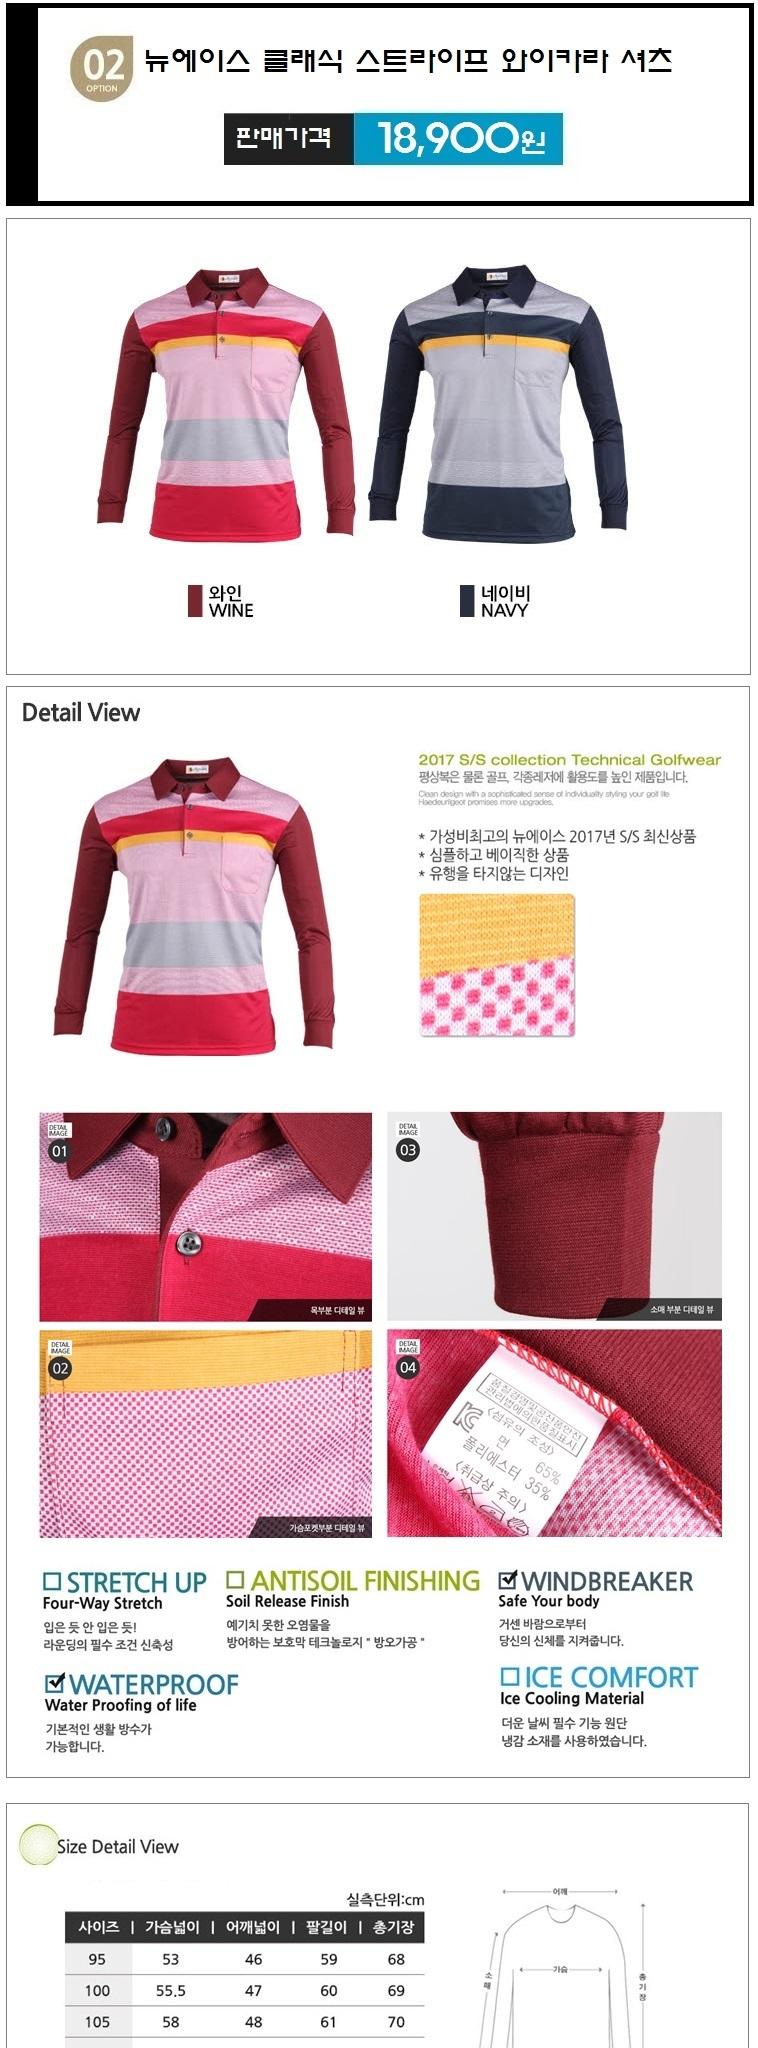 [주간특가] 프리미엄 골프셔츠 SALE - 상세정보